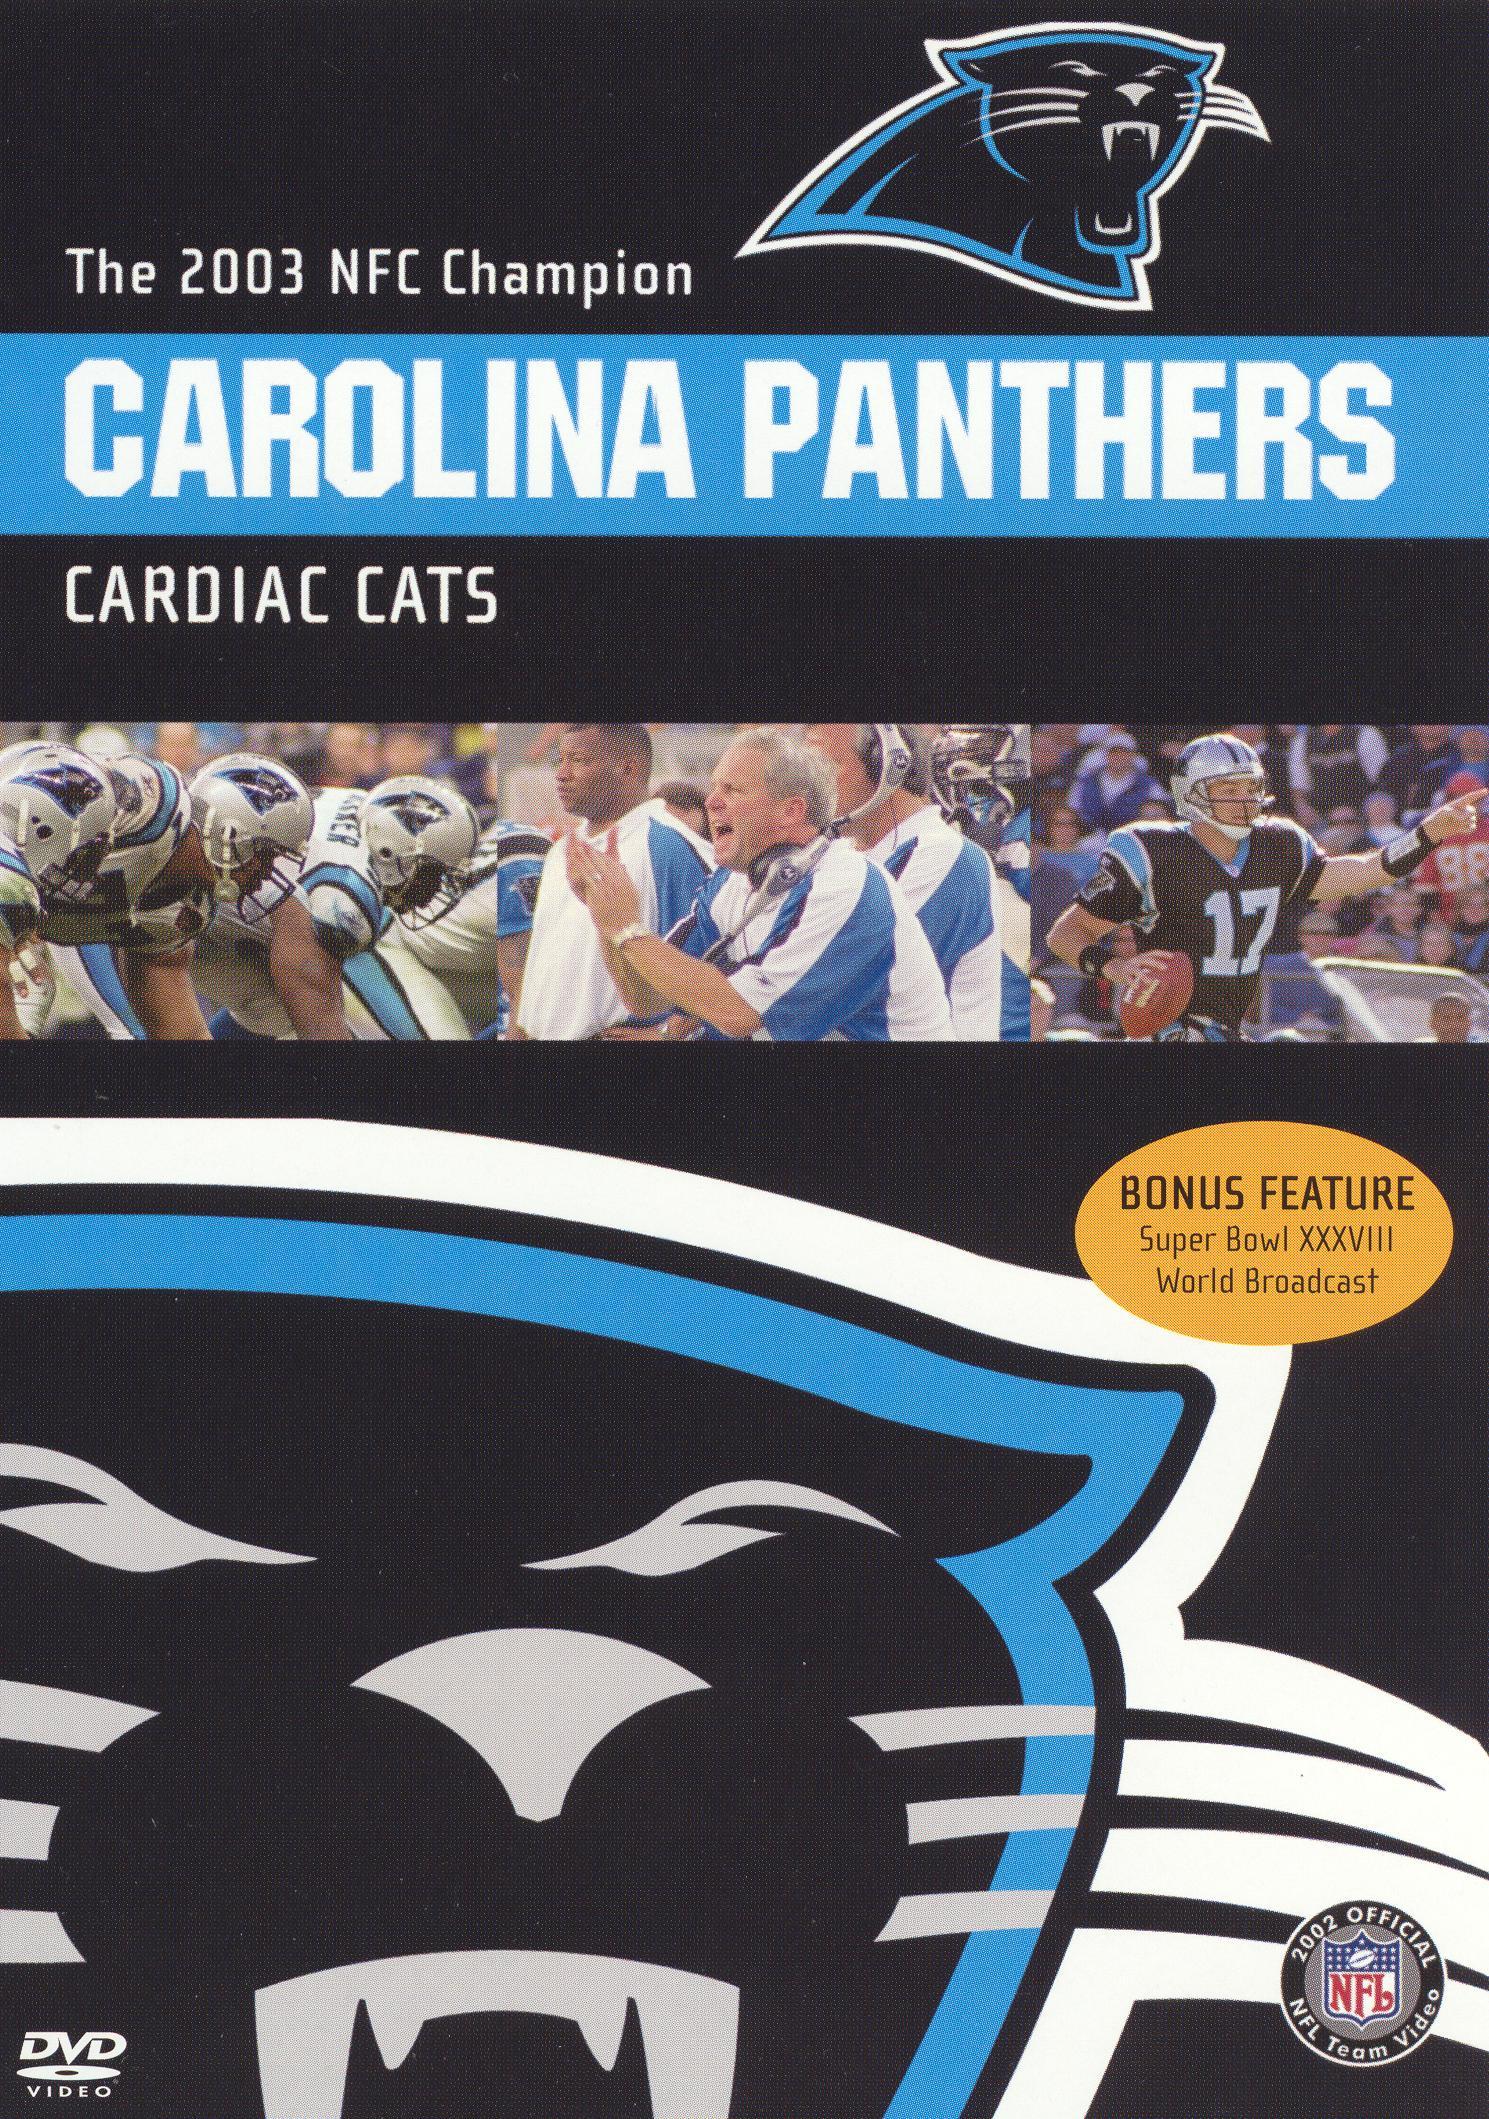 NFL: 2003 Carolina Panthers Team Video - Cardiac Cats